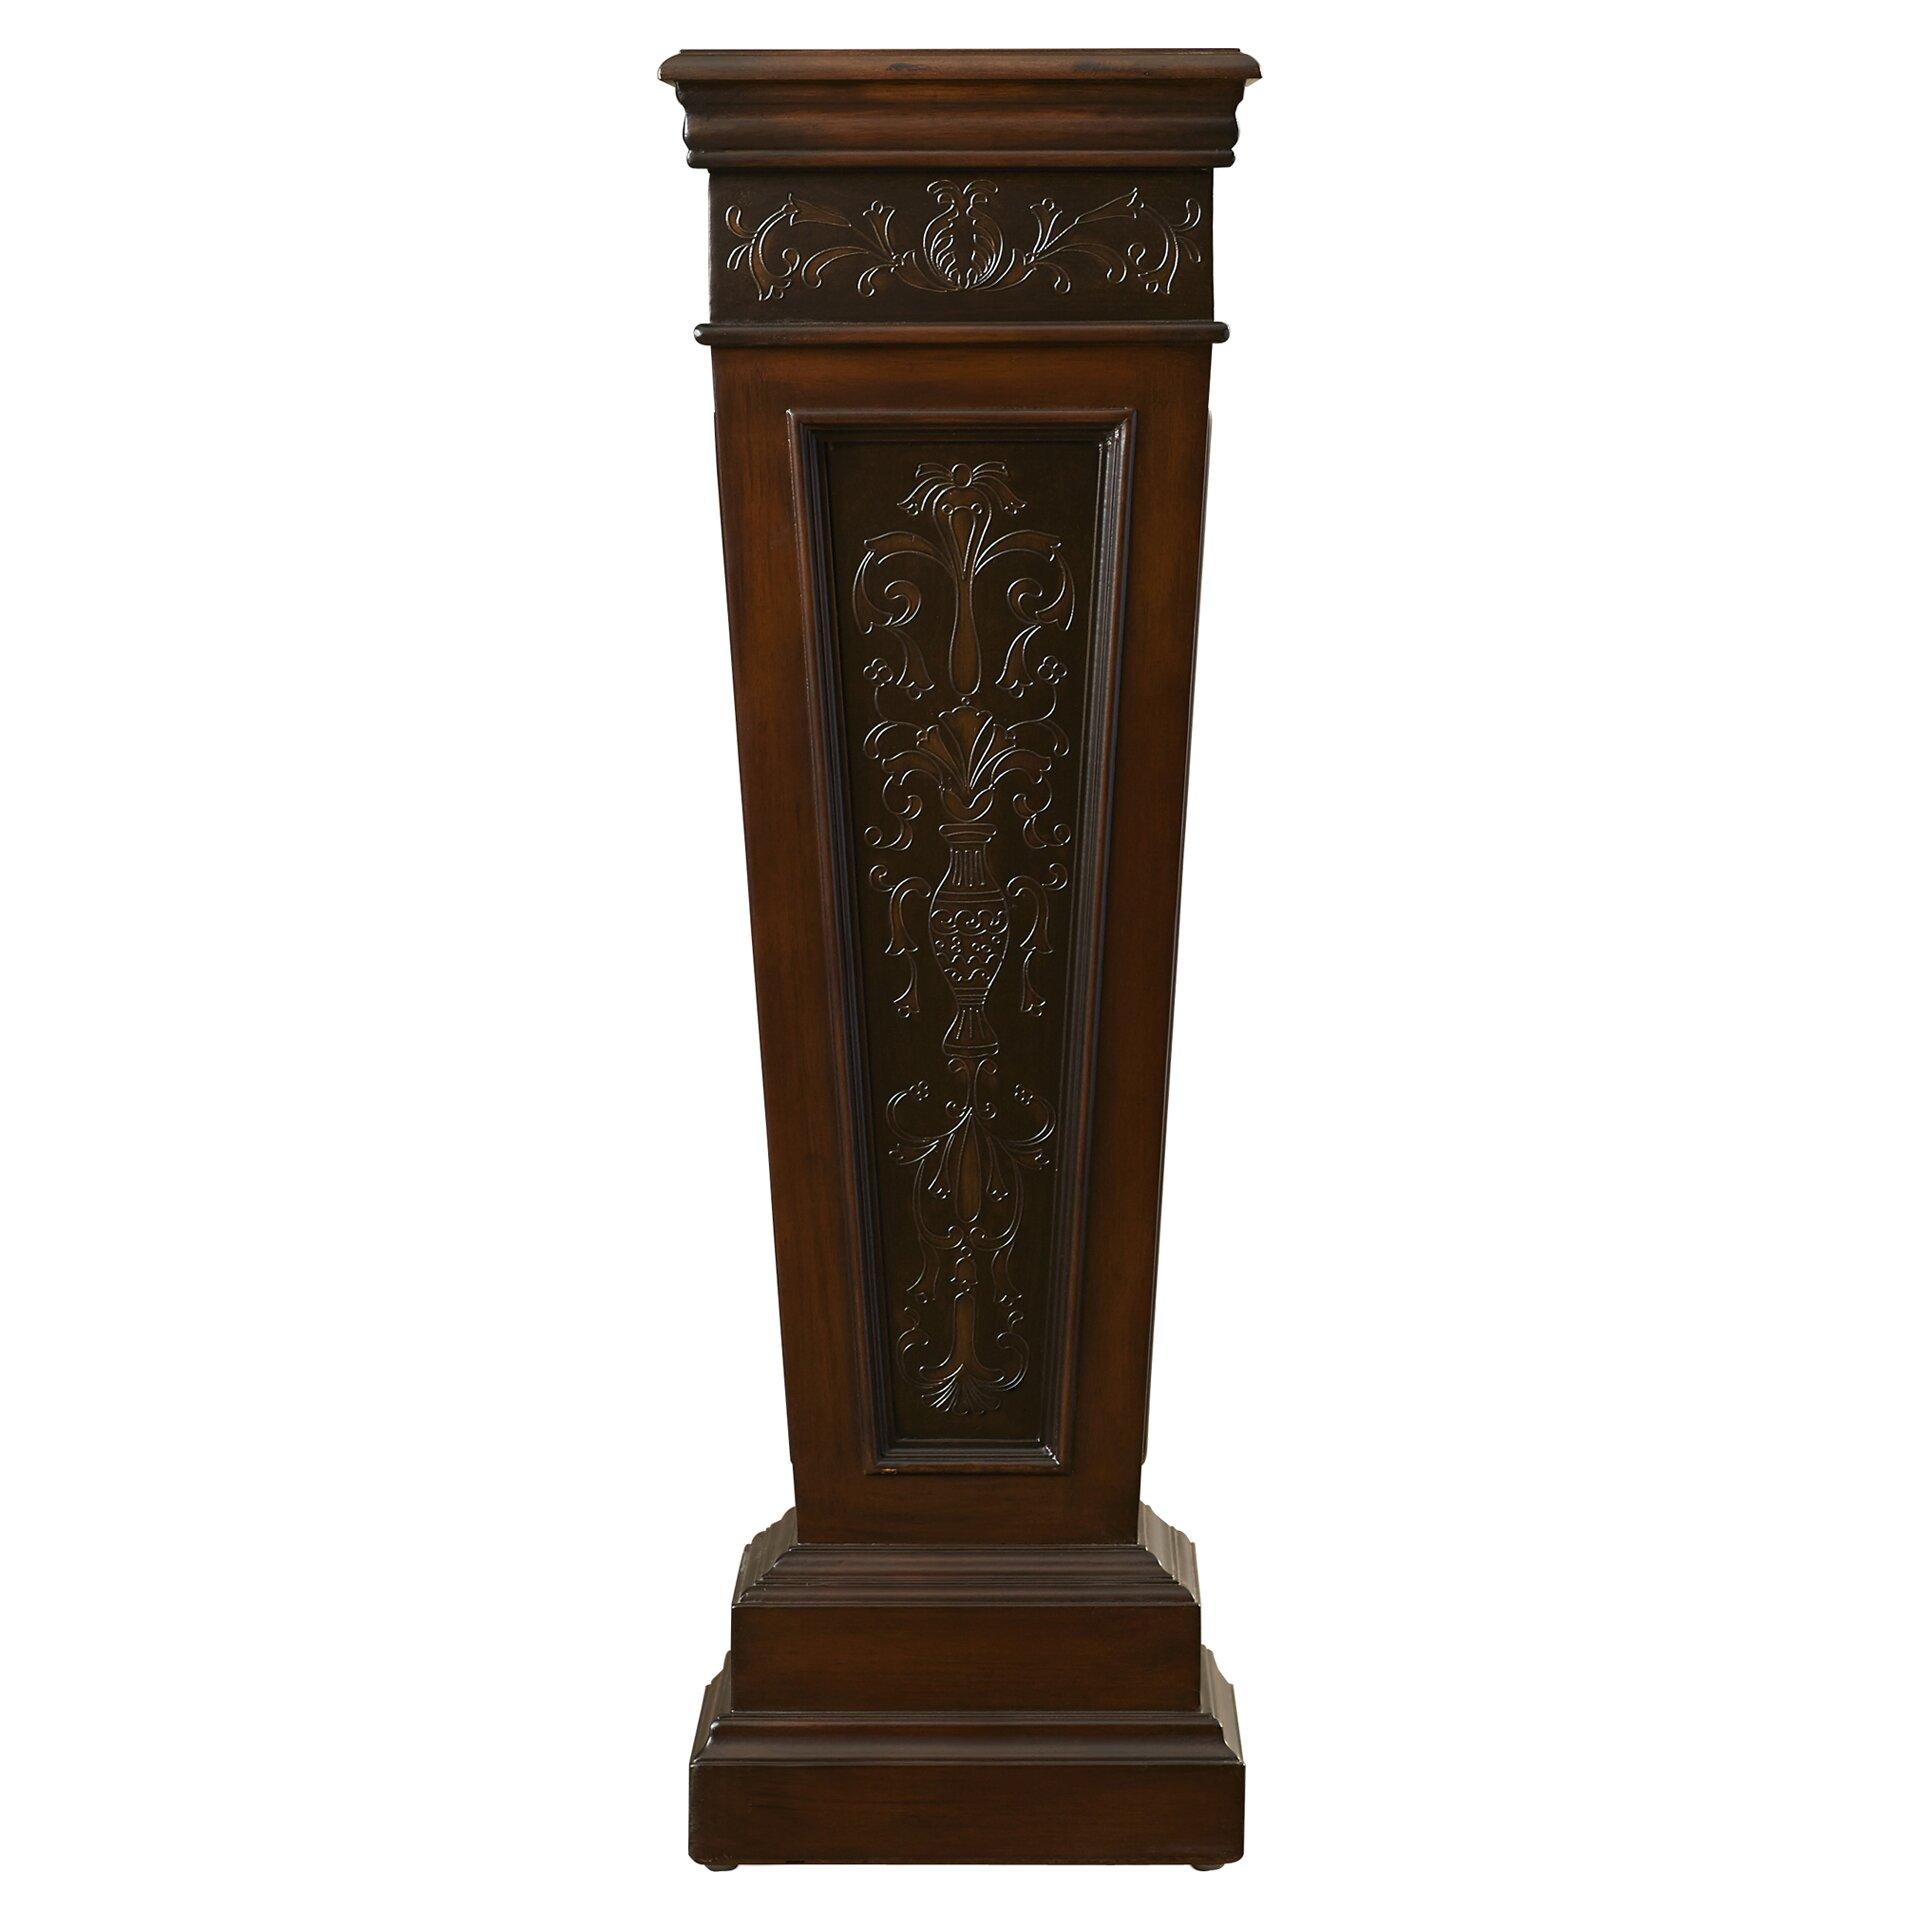 Pedestal Plant Stands Indoor #18: Warner Robins Pedestal Plant Stand